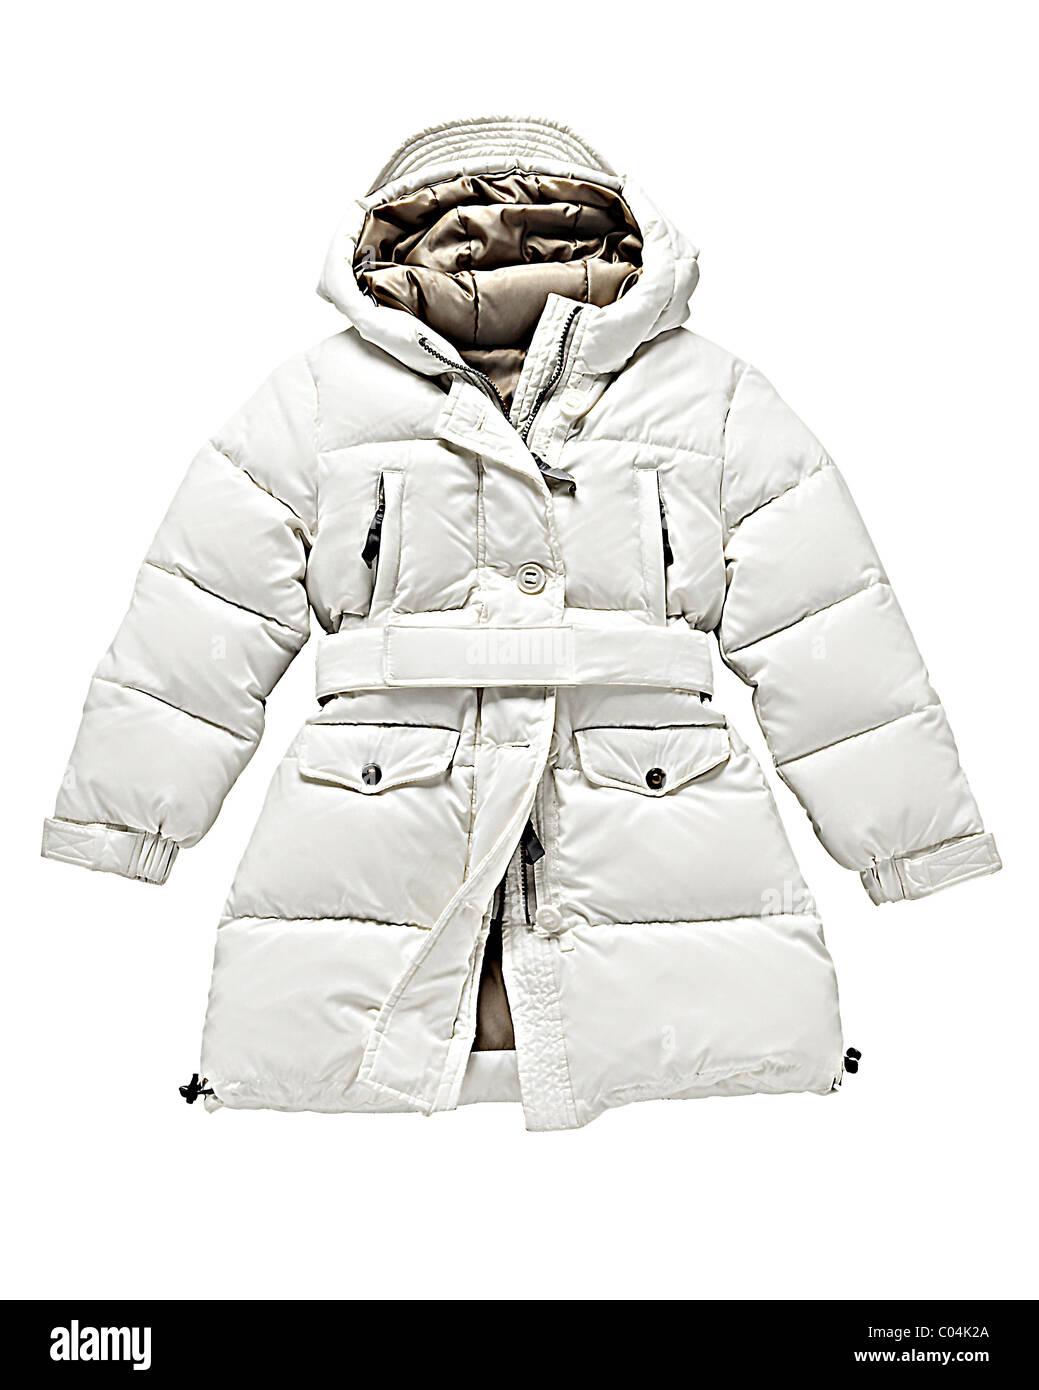 white down jacket on white background Stock Photo